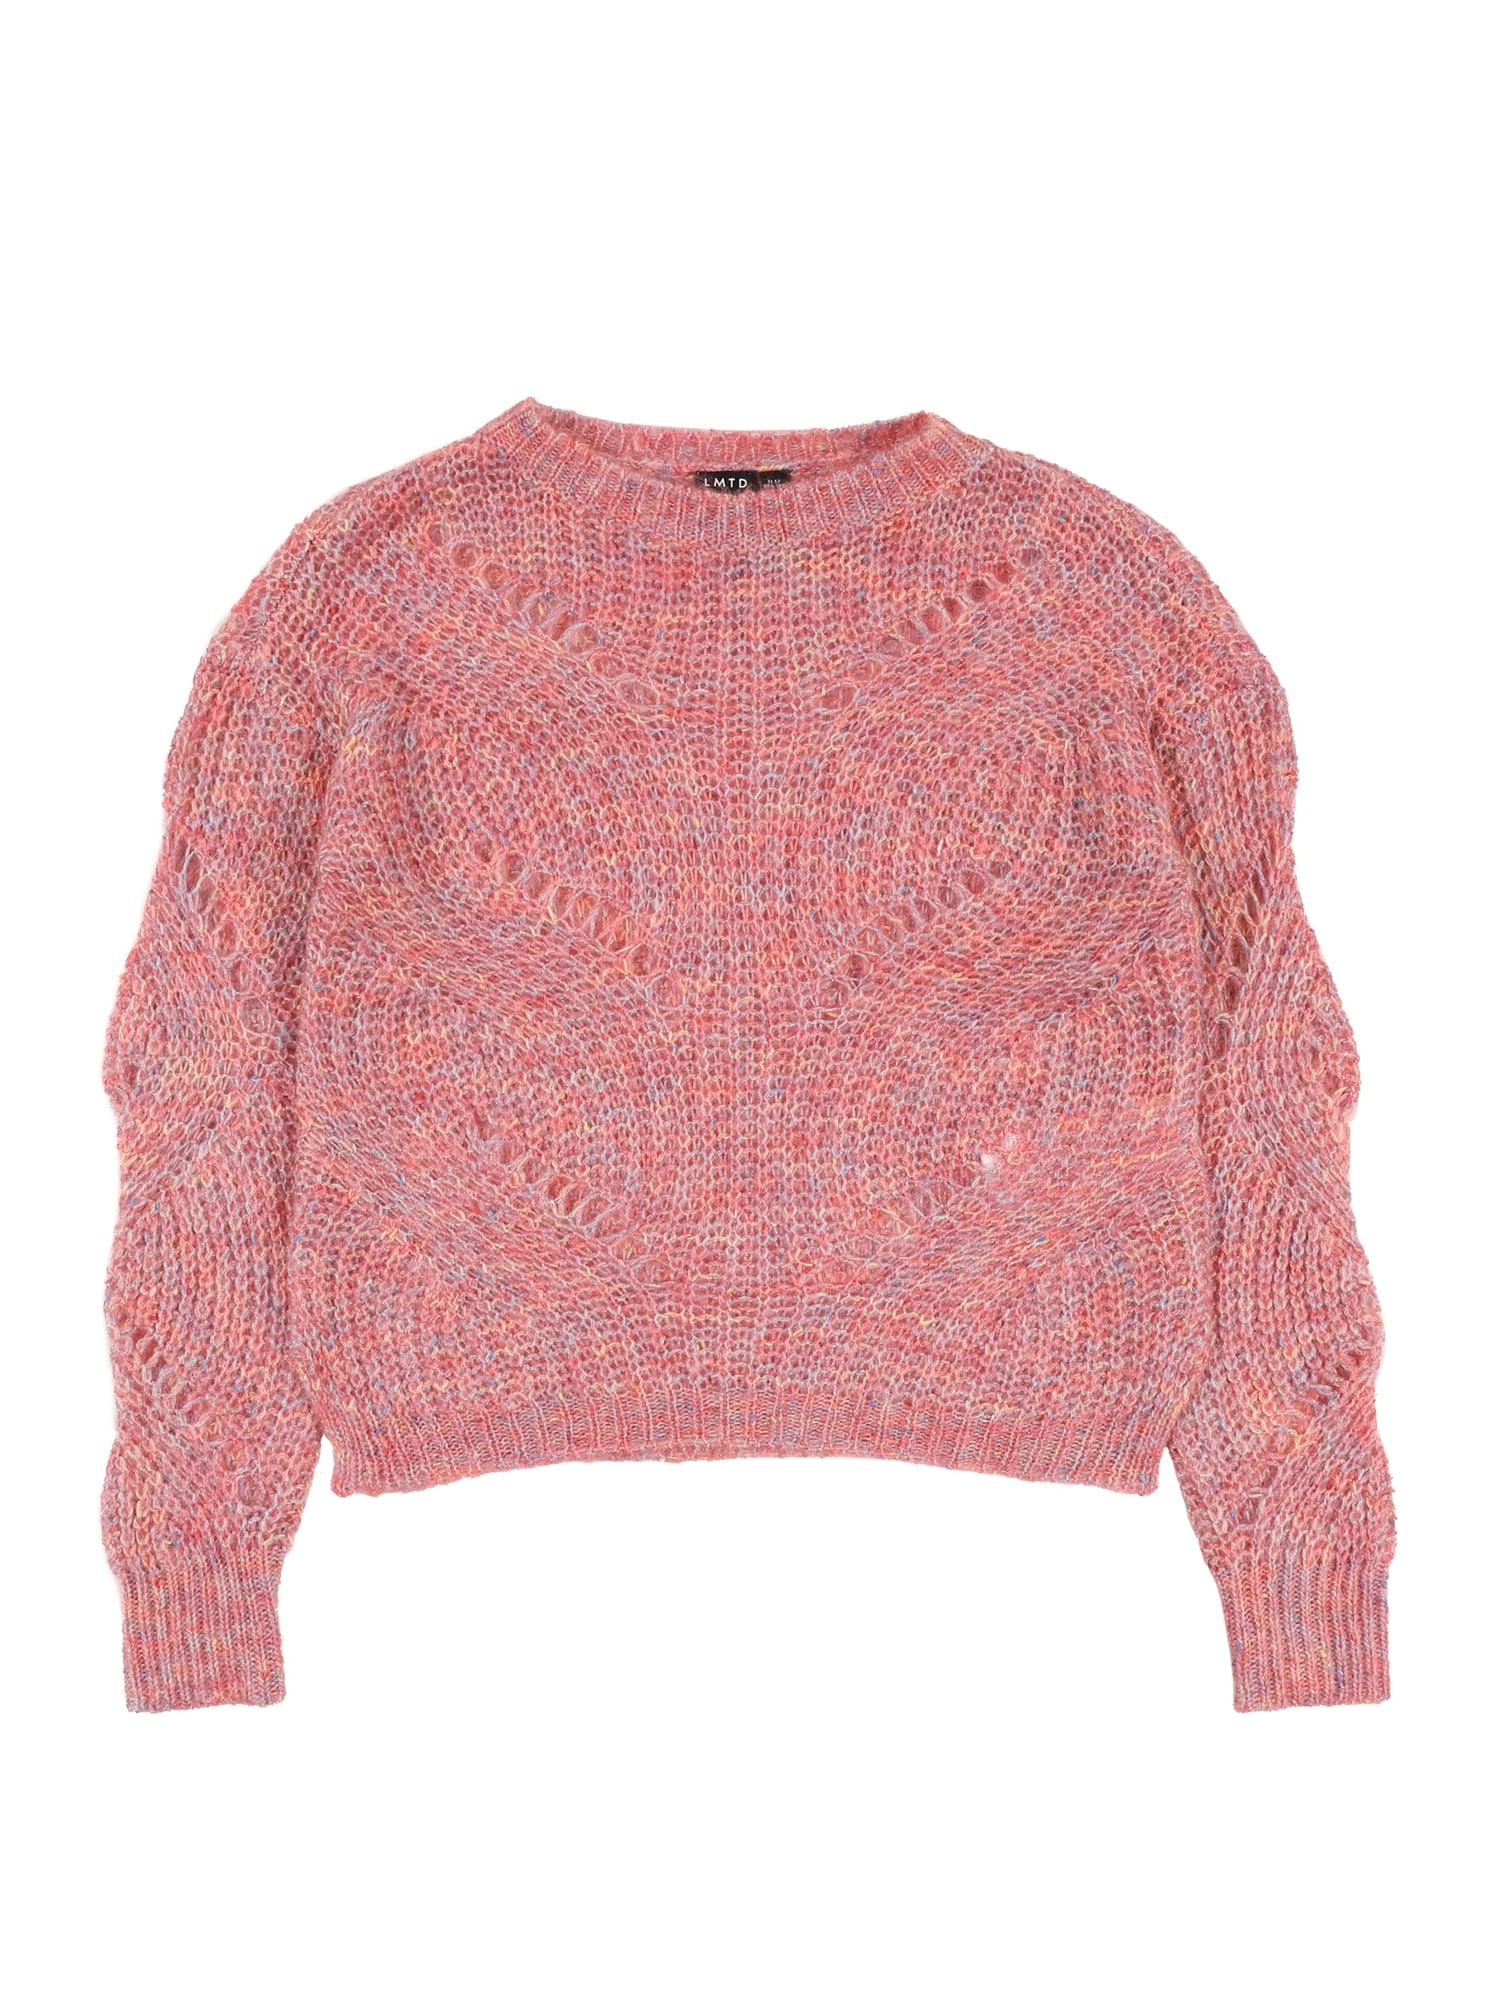 LMTD Megztinis rožinė